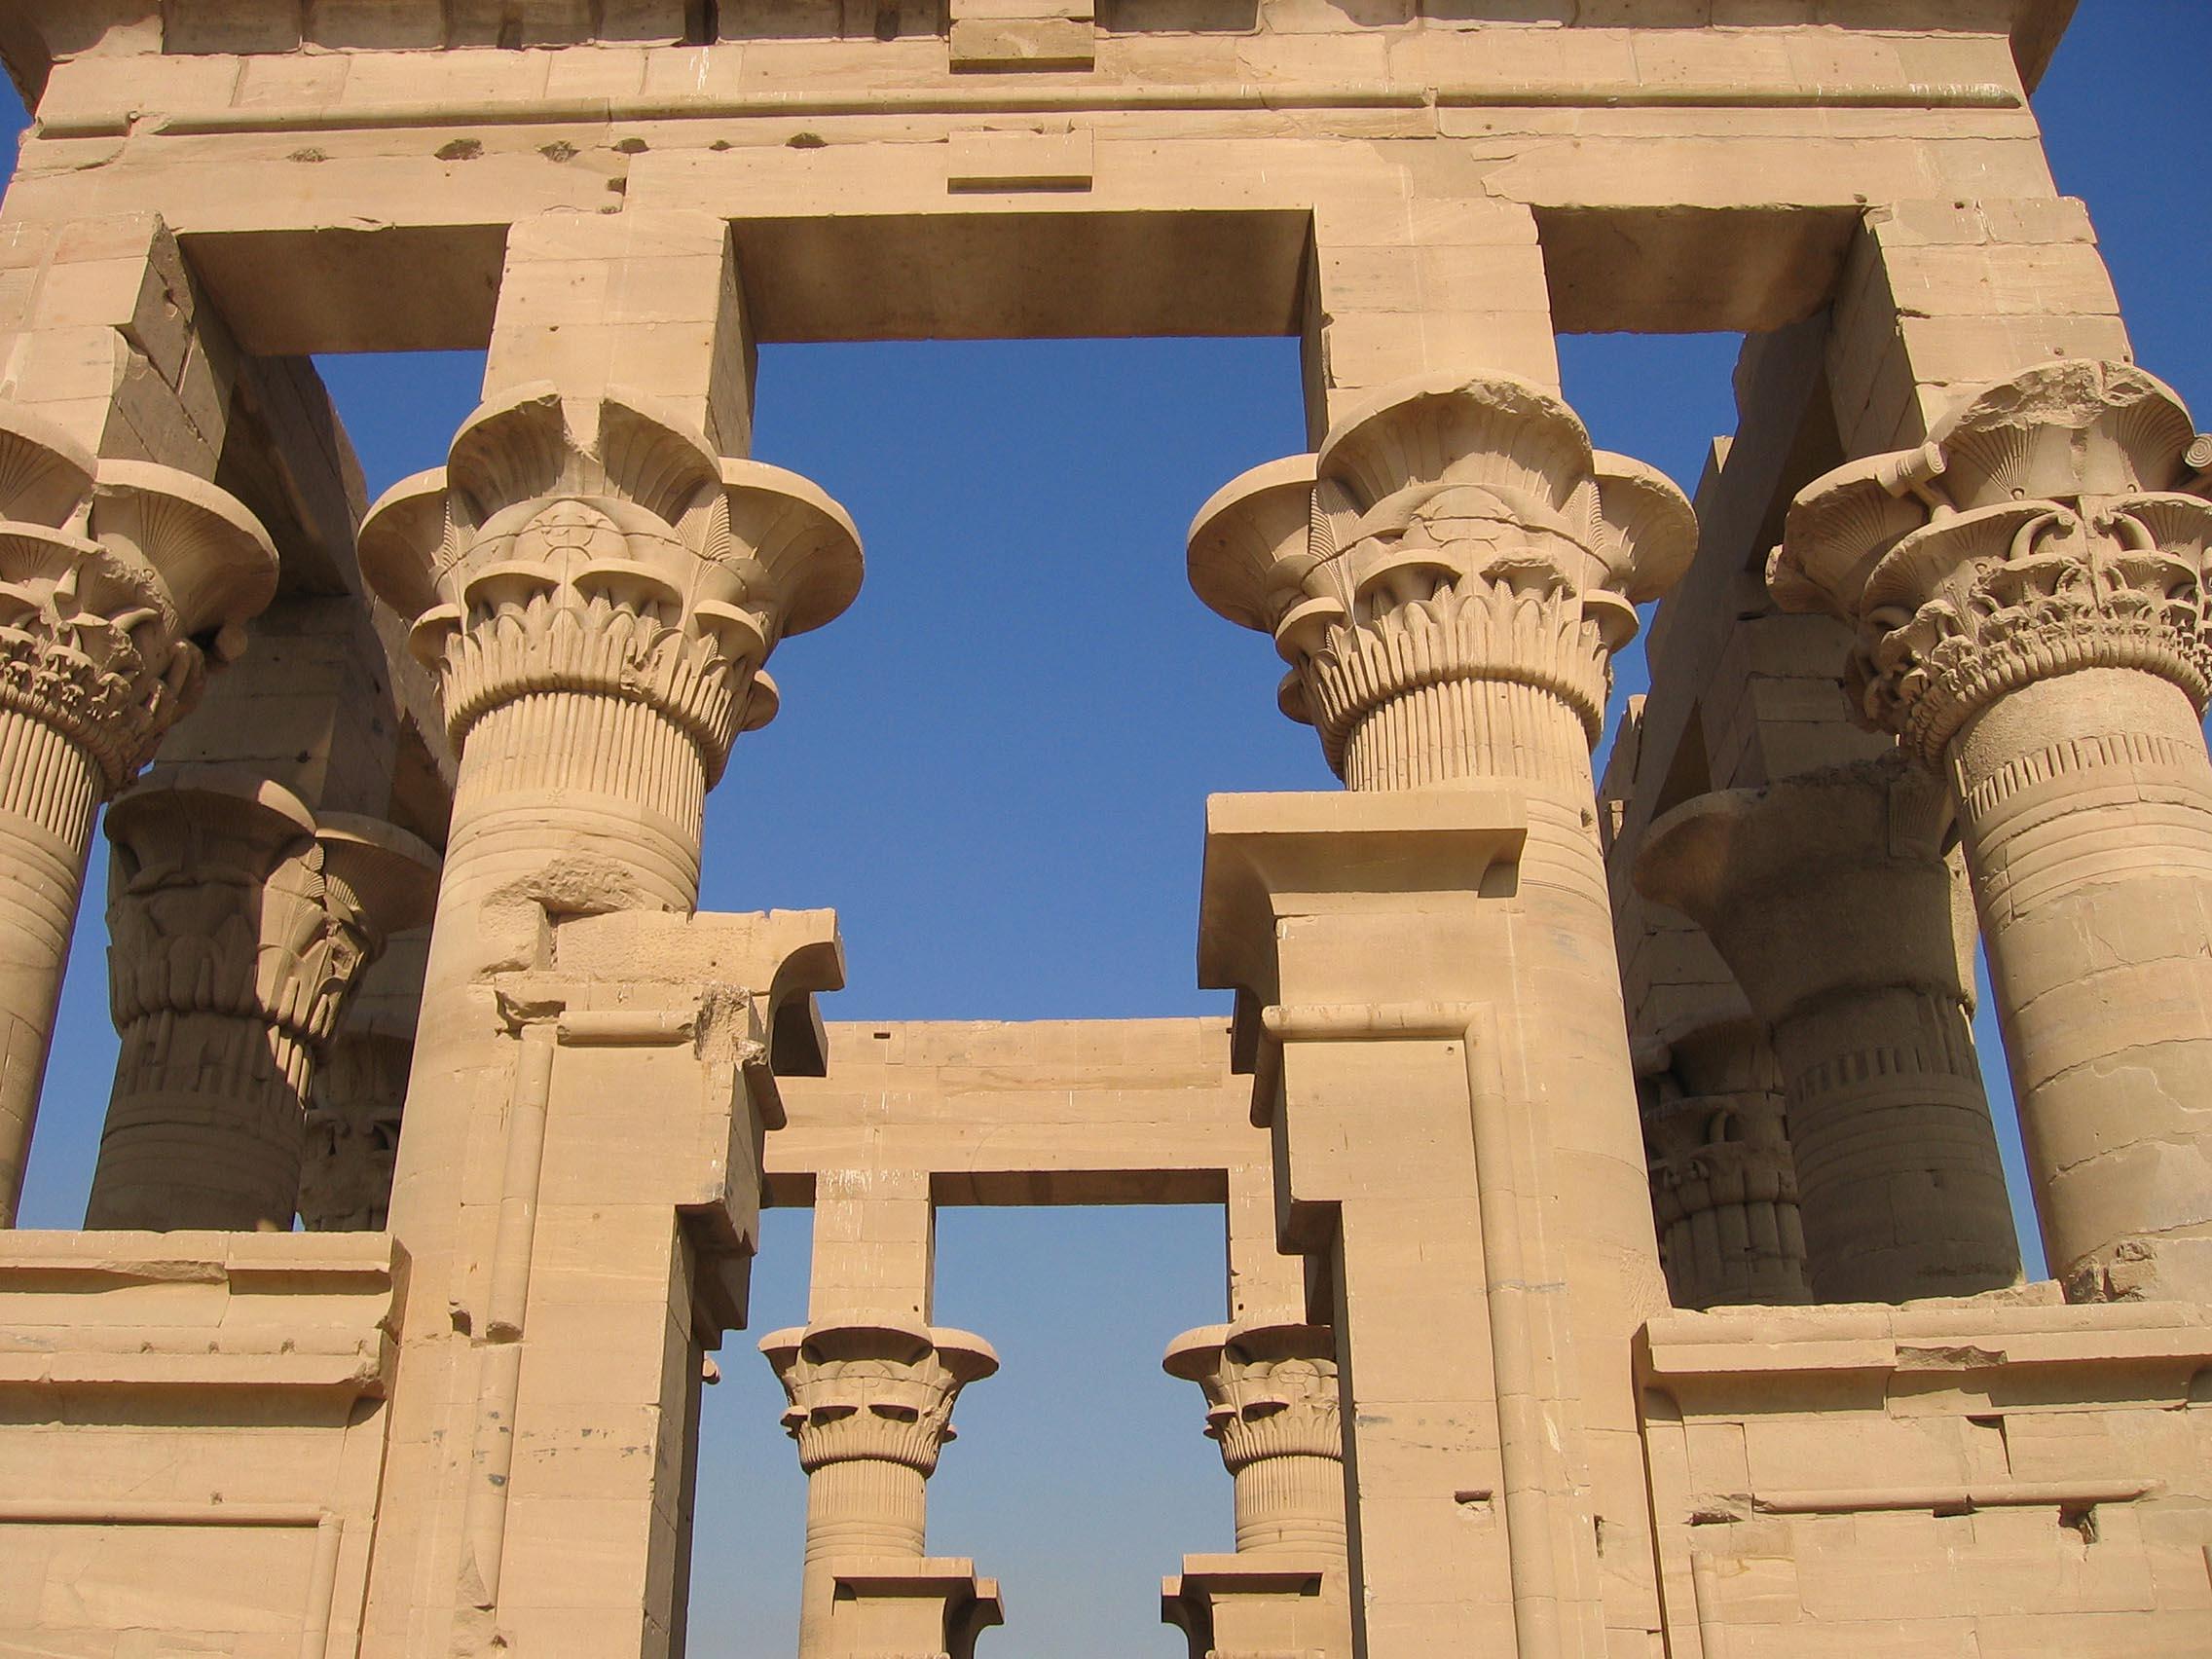 photographies d 39 egypte libres de droit stock images ou banque photos d images gratuite d 39 egypte. Black Bedroom Furniture Sets. Home Design Ideas